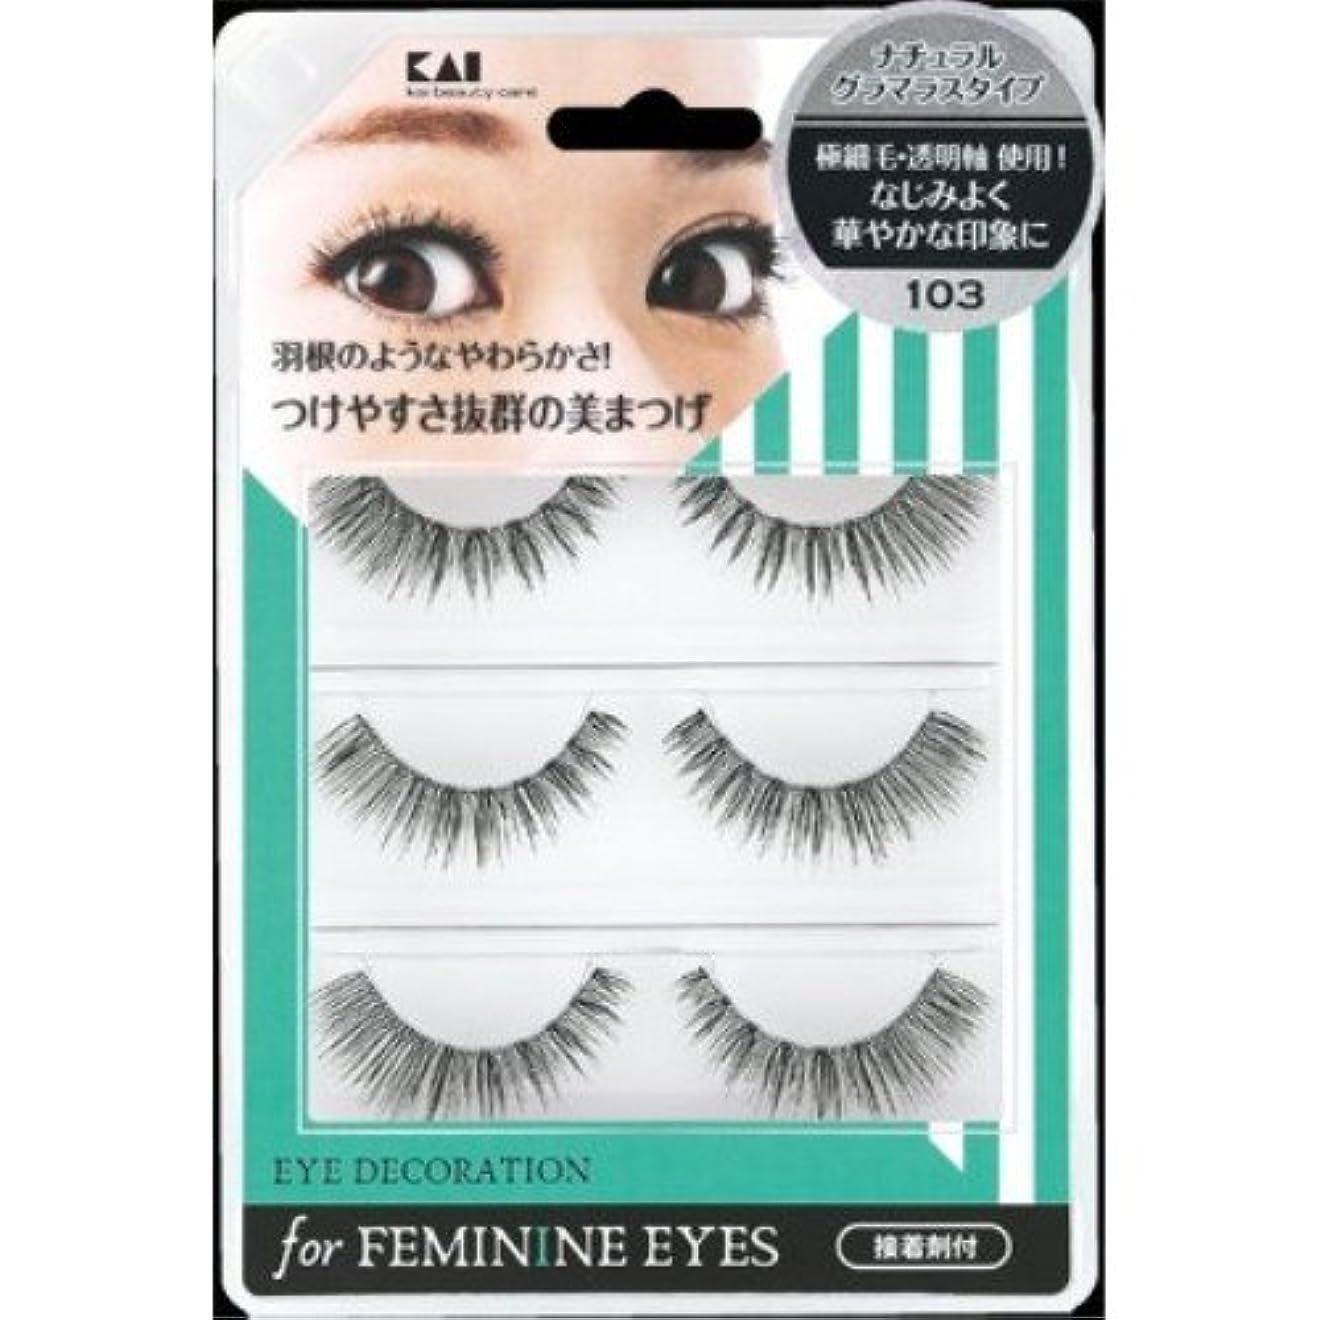 ルームサイドボード見積り貝印 アイデコレーション for feminine eyes 103 HC1557